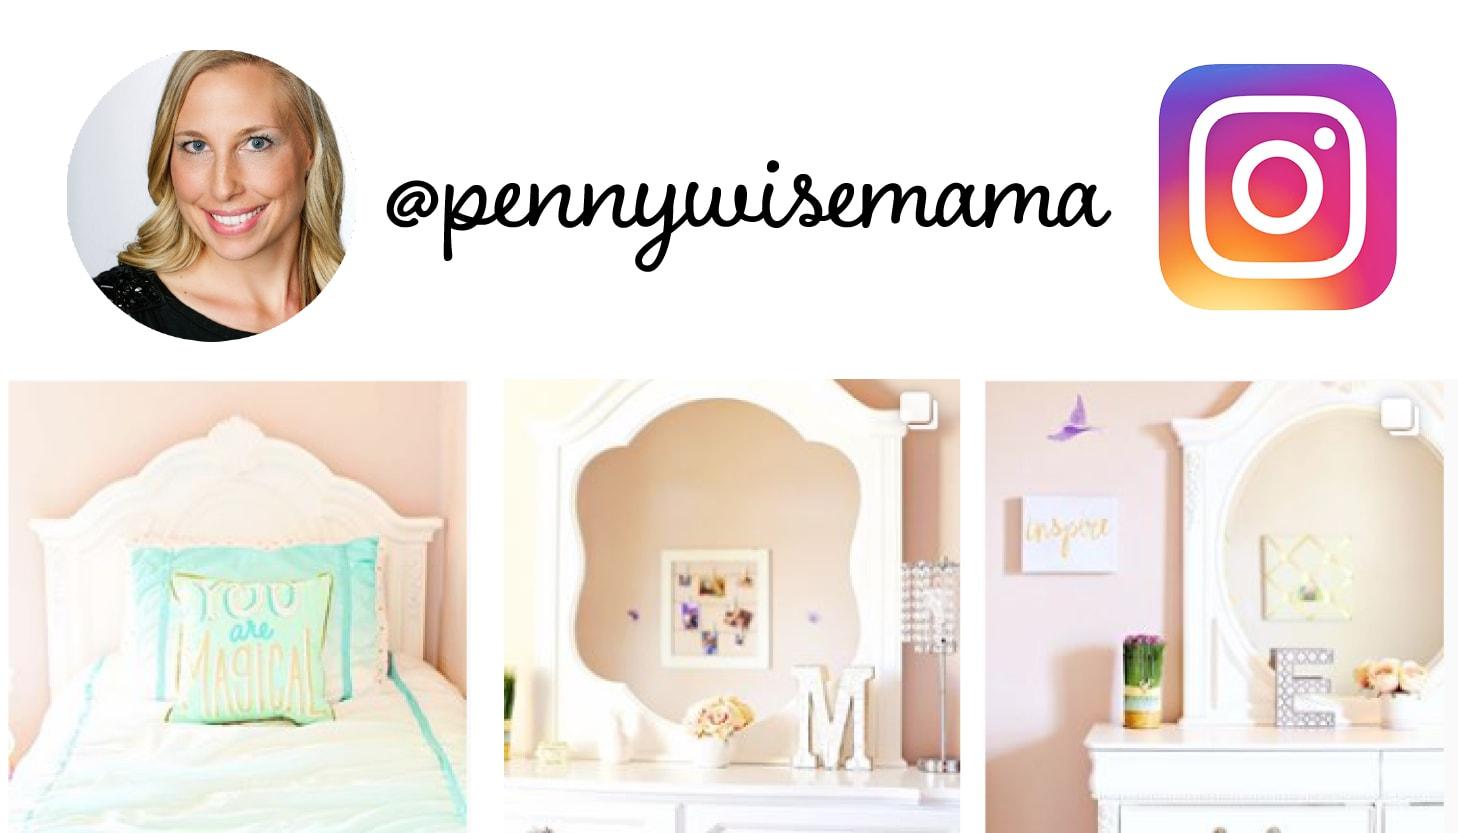 PennyWiseMama